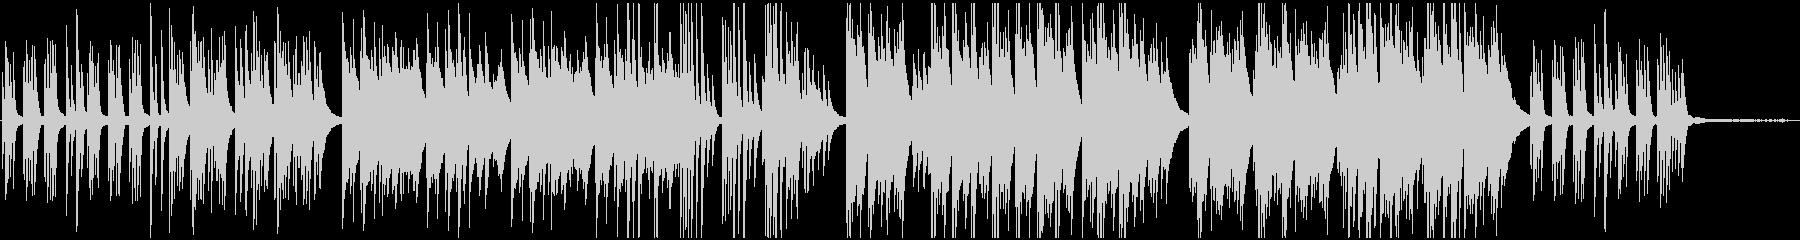 切ないピアノ曲 癒し系 作業用BGMの未再生の波形